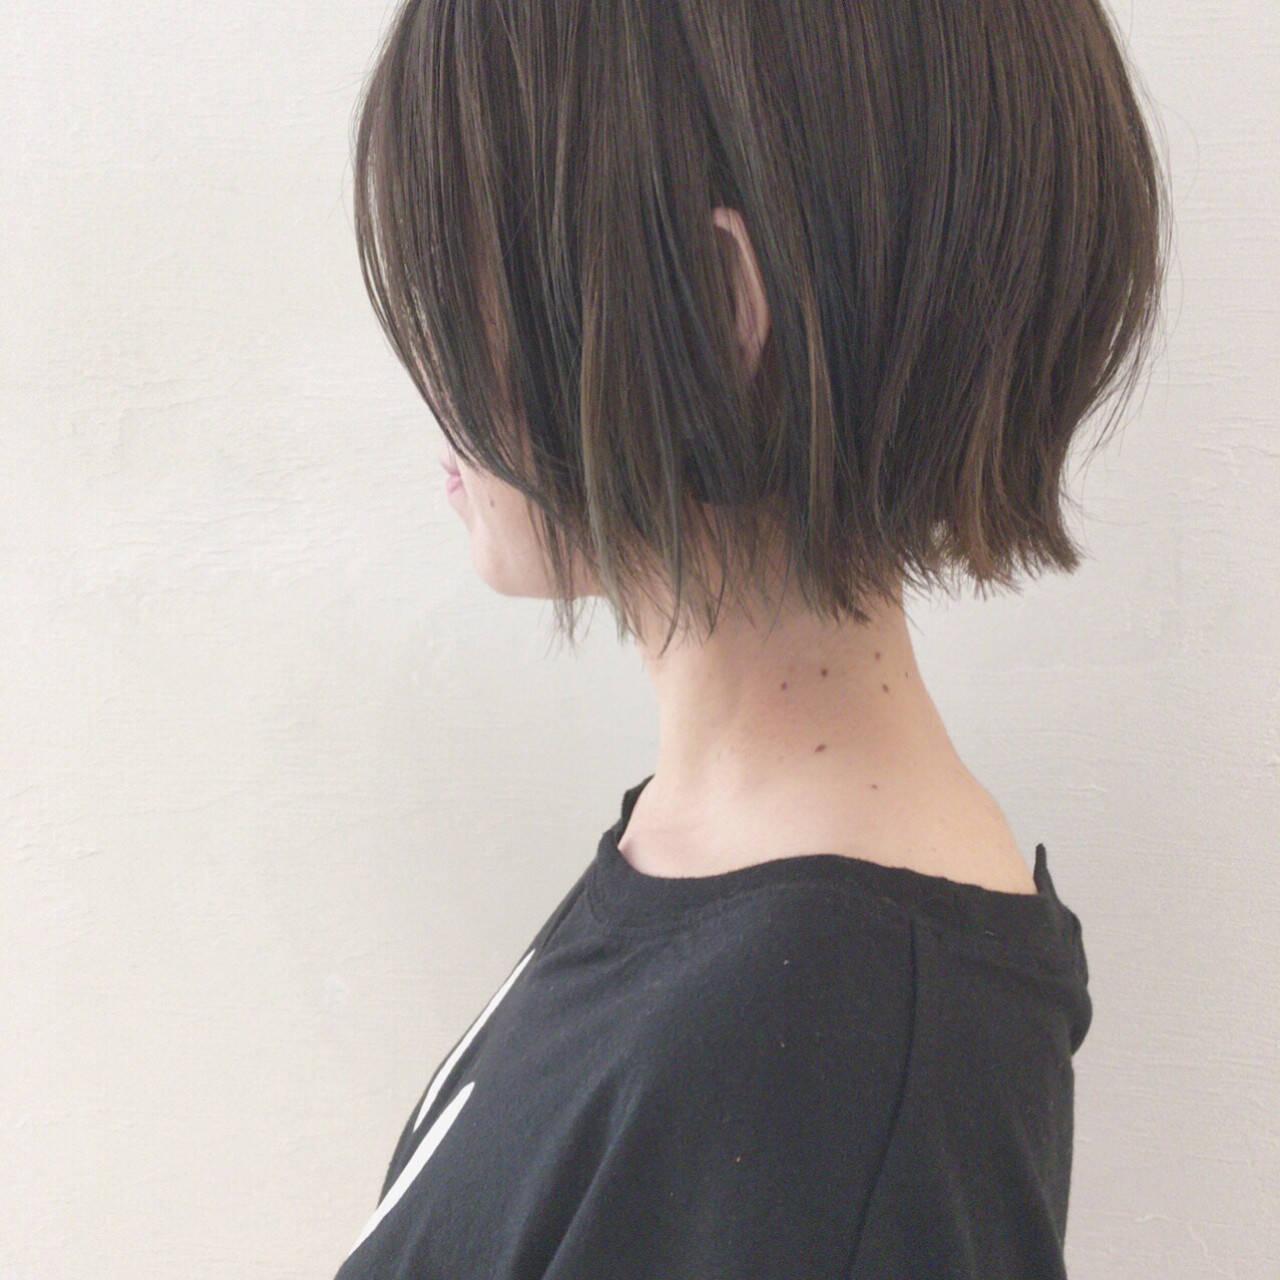 アウトドア デート オフィス リラックスヘアスタイルや髪型の写真・画像